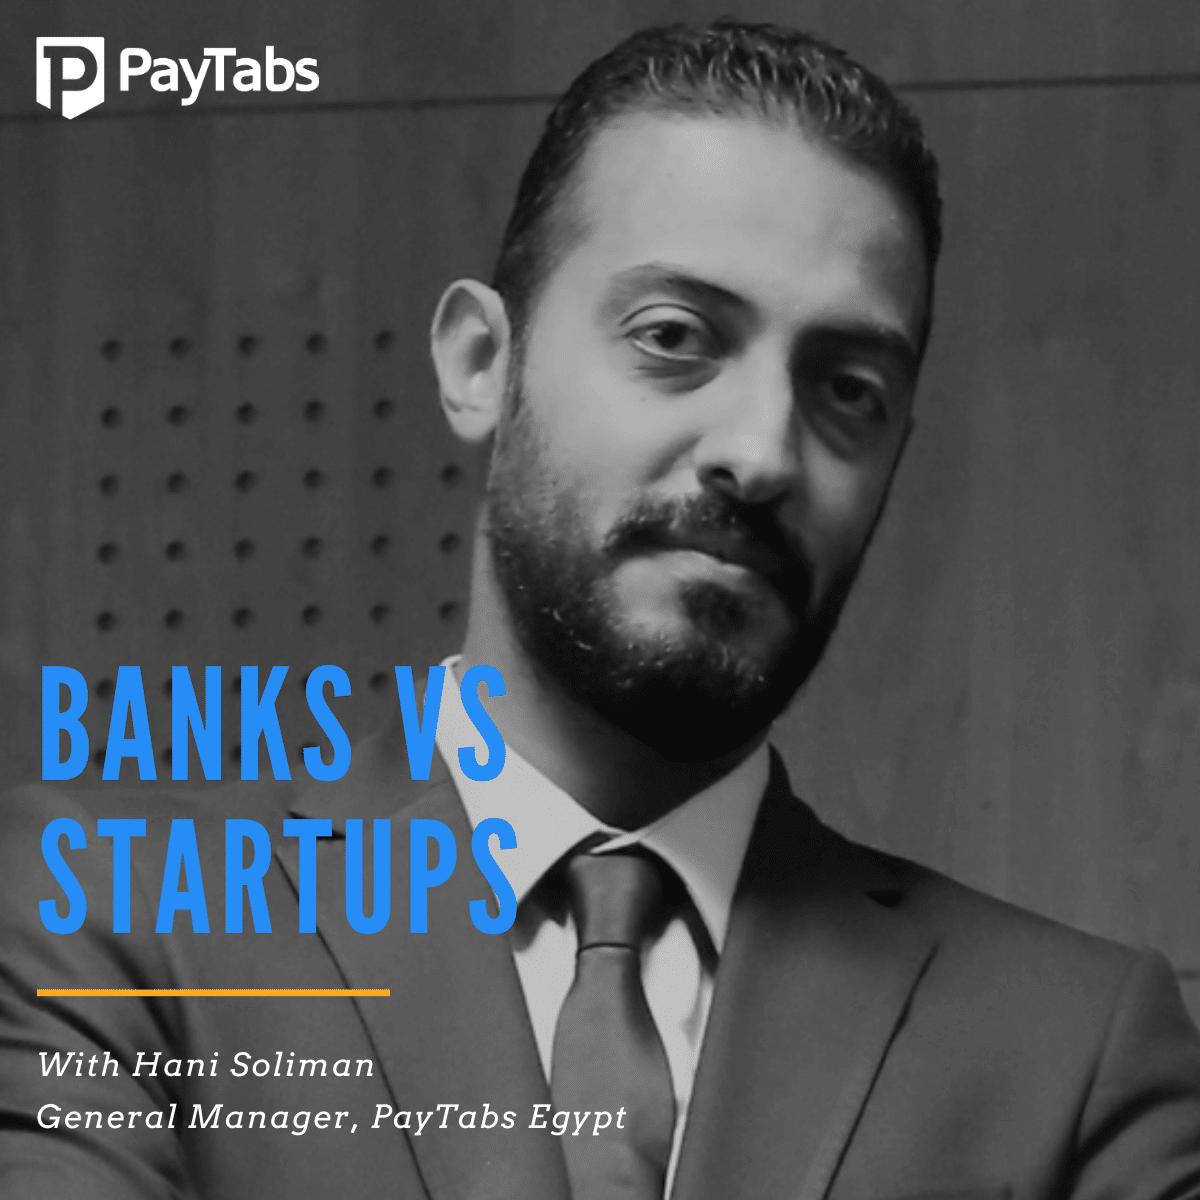 Webinar: Banks Vs. Startups